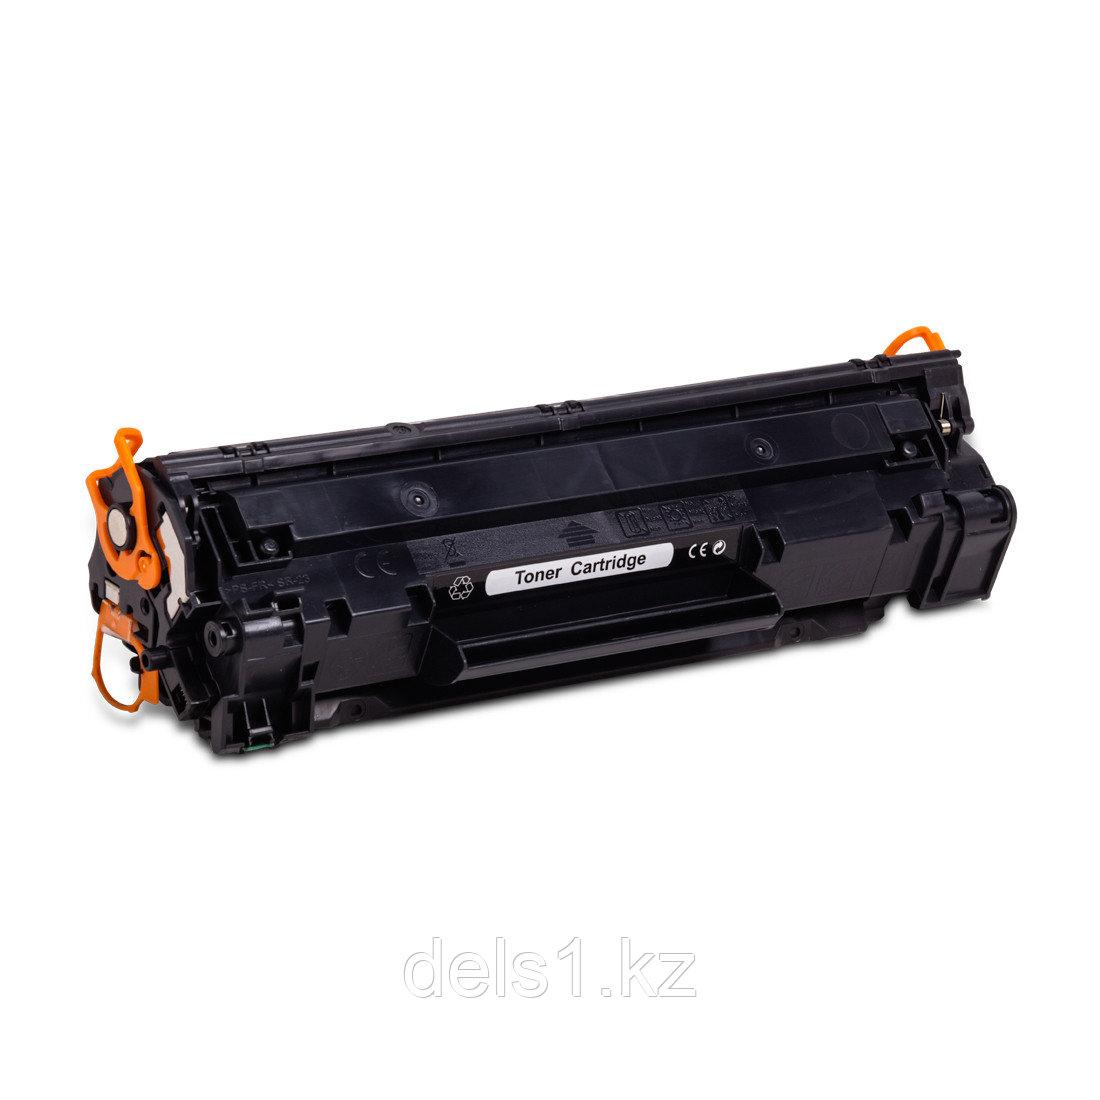 Картридж, Colorfix, CE285X/CE278X/CB435X/CB436X, Для принтеров HP LaserJet P1005/P1006/P1505/M1120/M1522/P1100